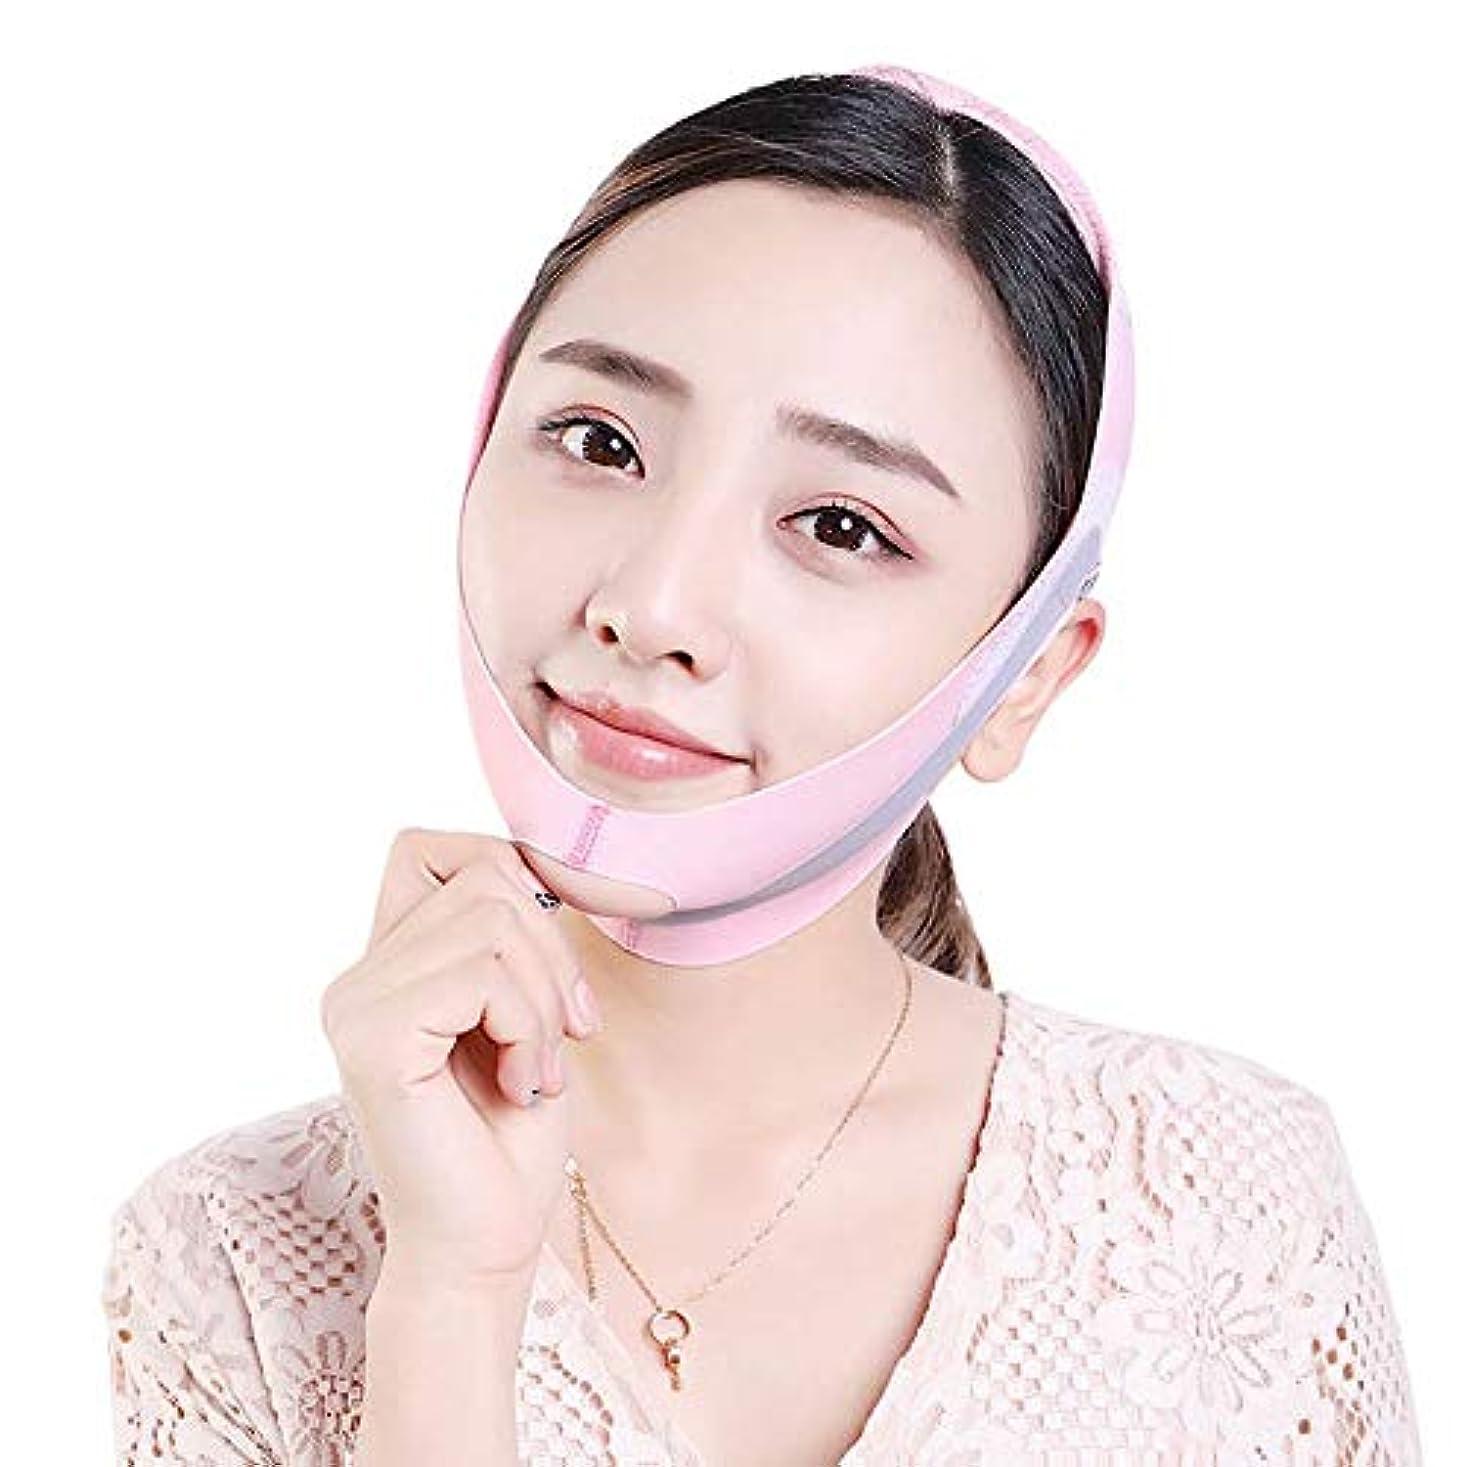 同じ松ペースJia Jia- たるみを防ぐために顔を持ち上げるために筋肉を引き締めるために二重あごのステッカーとラインを削除するために、顔を持ち上げるアーティファクト包帯があります - ピンク 顔面包帯